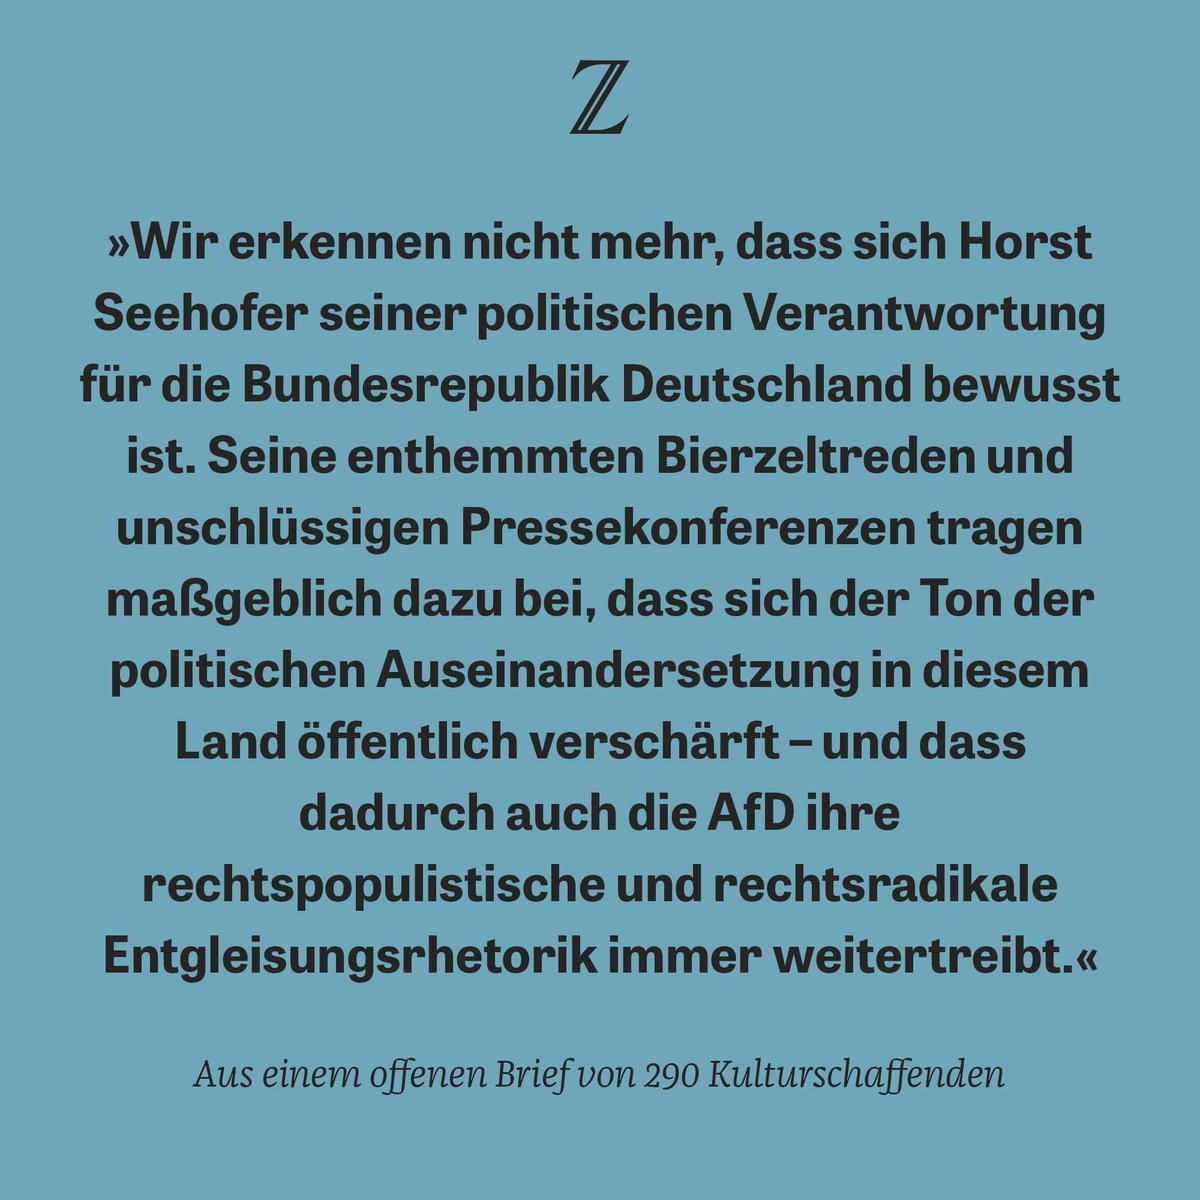 'Wir sind entsetzt': In einem offenen Brief fordern 290 Schauspieler, Regisseure, Autoren und Intendanten den Rücktritt von Horst #Seehofer: https://t.co/qKTRClPUnt